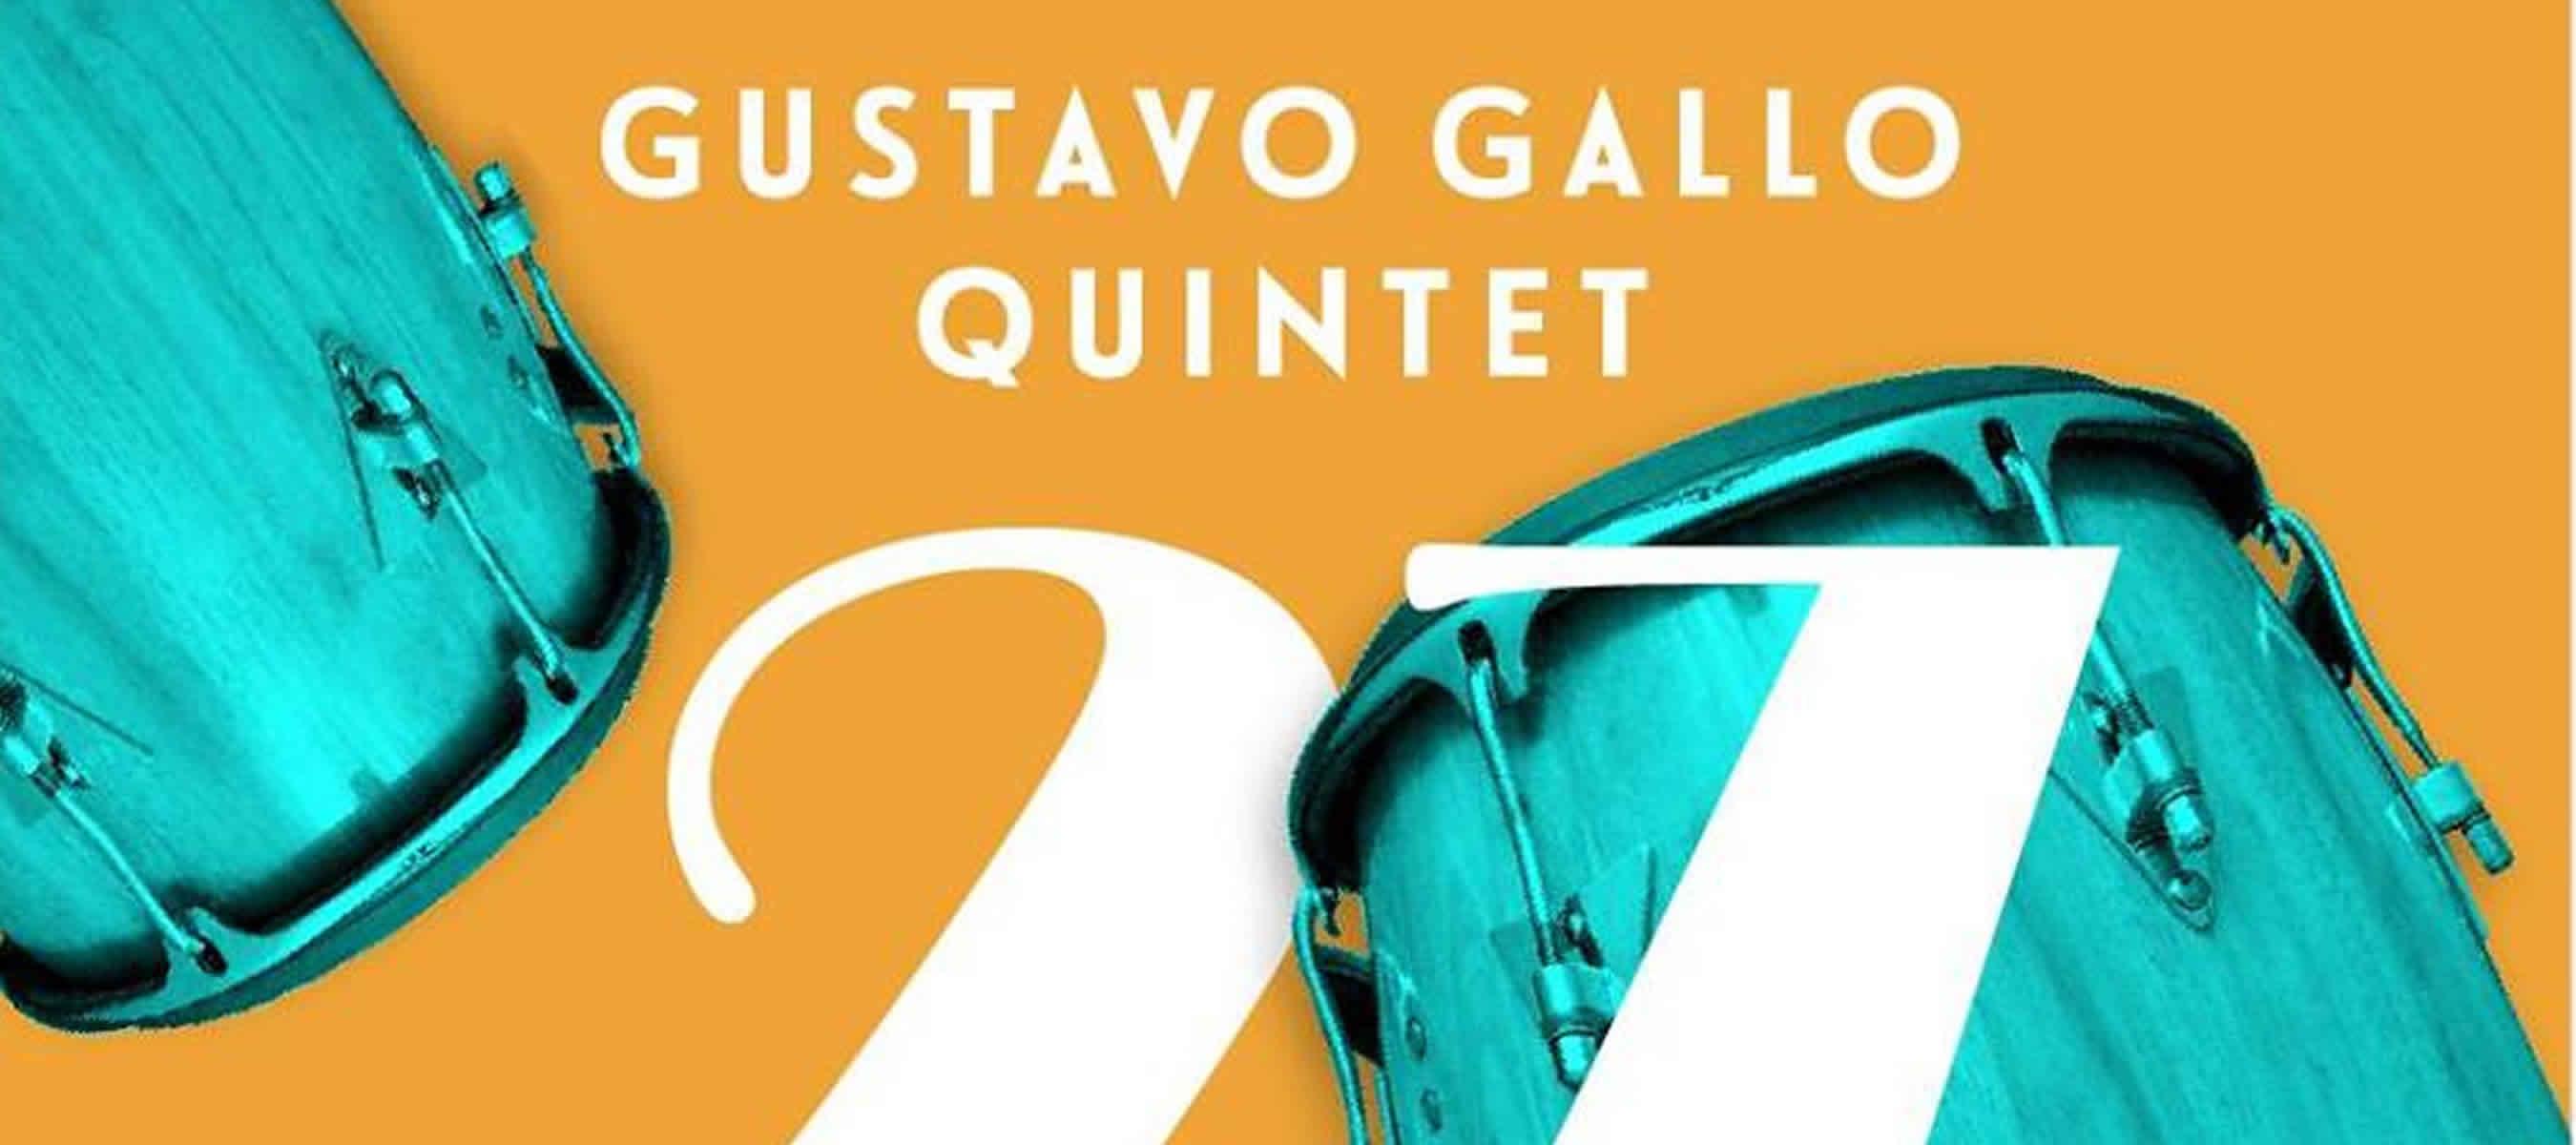 Gustavo gallo Jazz Quintet